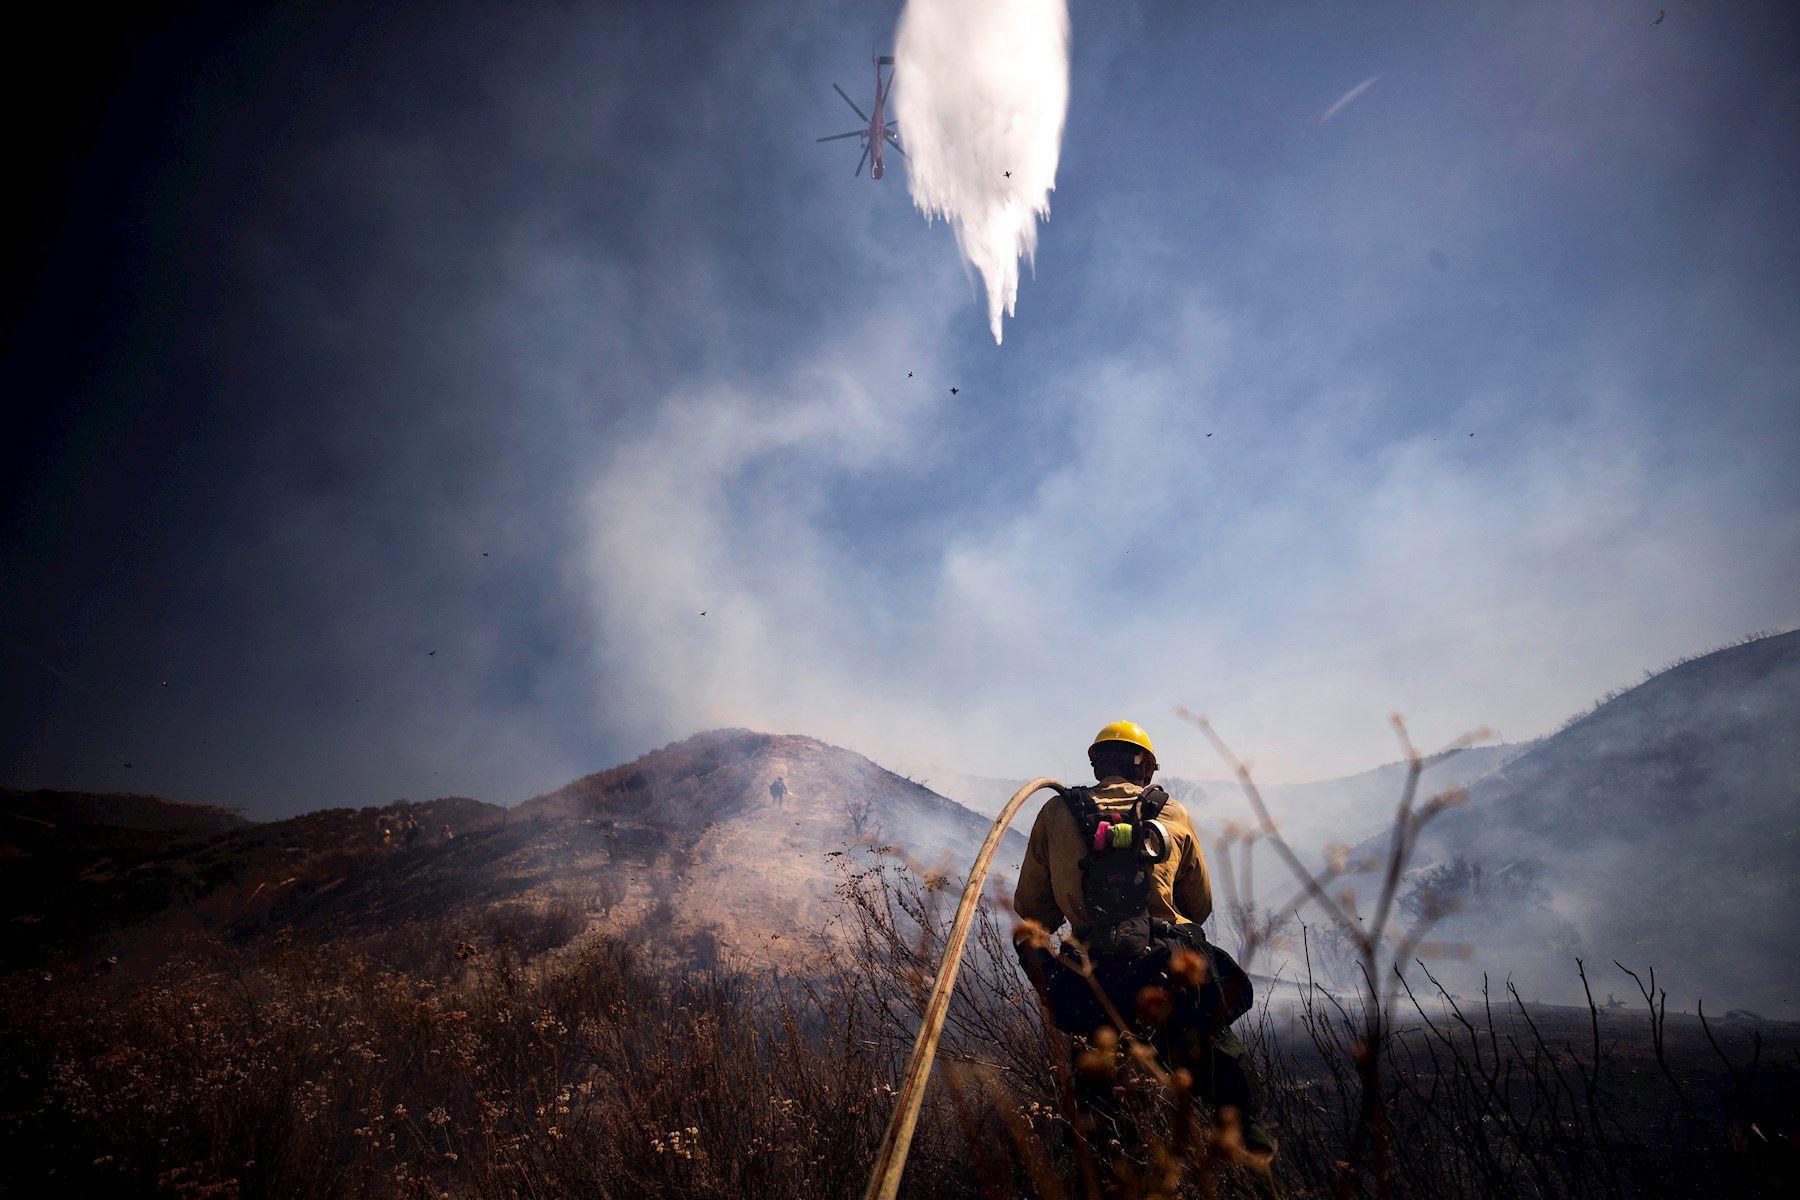 Bomberos intentan extinguir el incendio de Elsmere cerca de Santa Clarita, California, EE. UU. Según los últimos informes de los medios, el incendio ha quemado 130 acres.   Foto: EFE